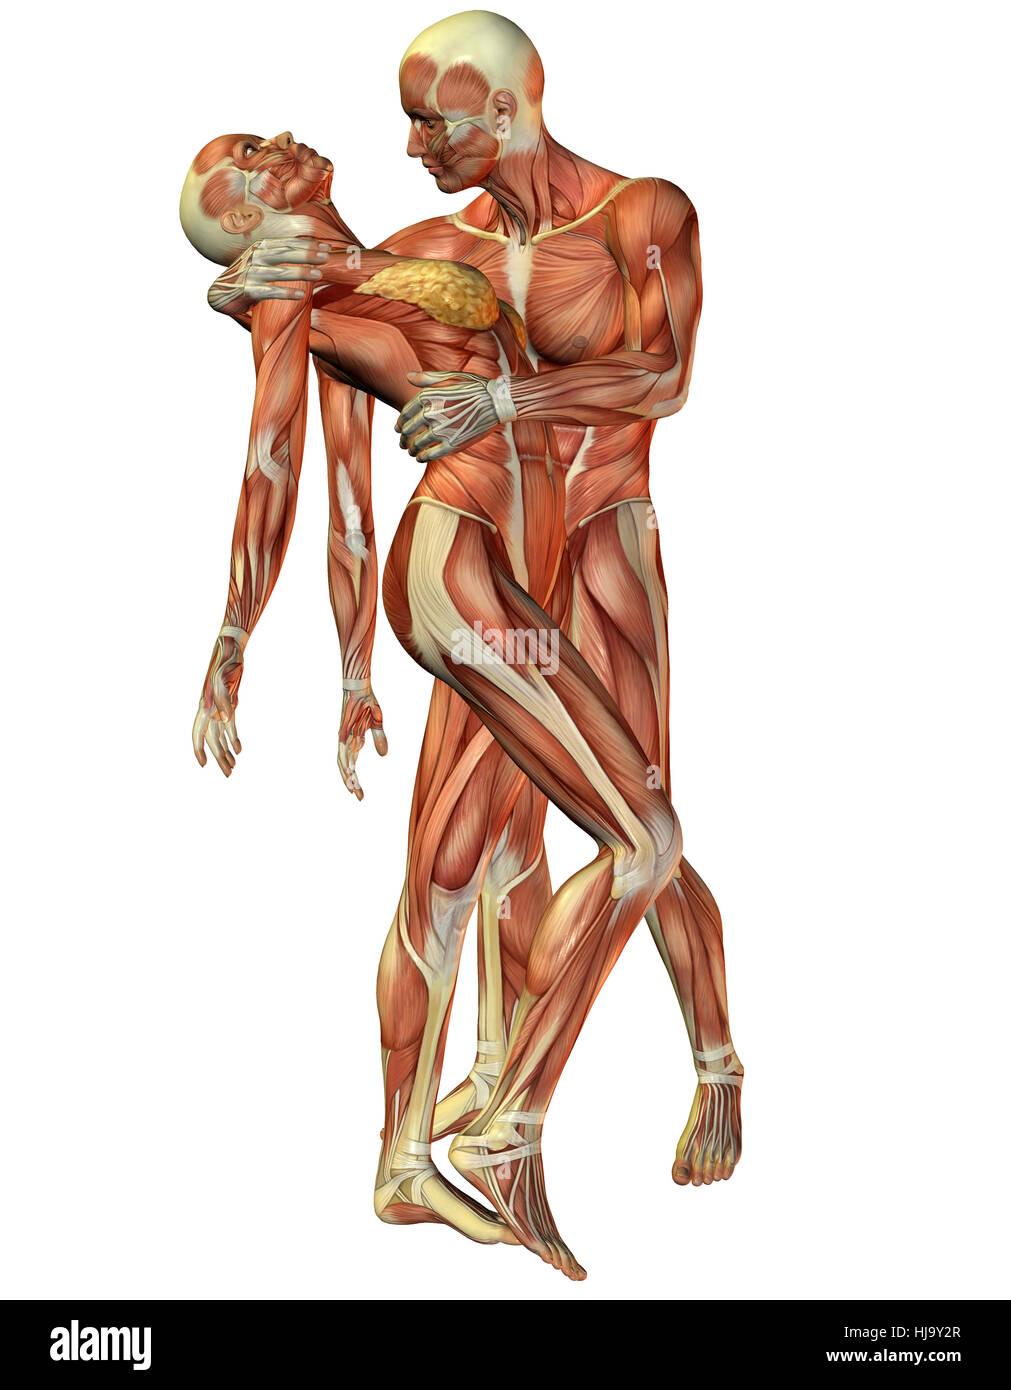 Großartig Anatomie Muskeln 3d Fotos - Anatomie Von Menschlichen ...